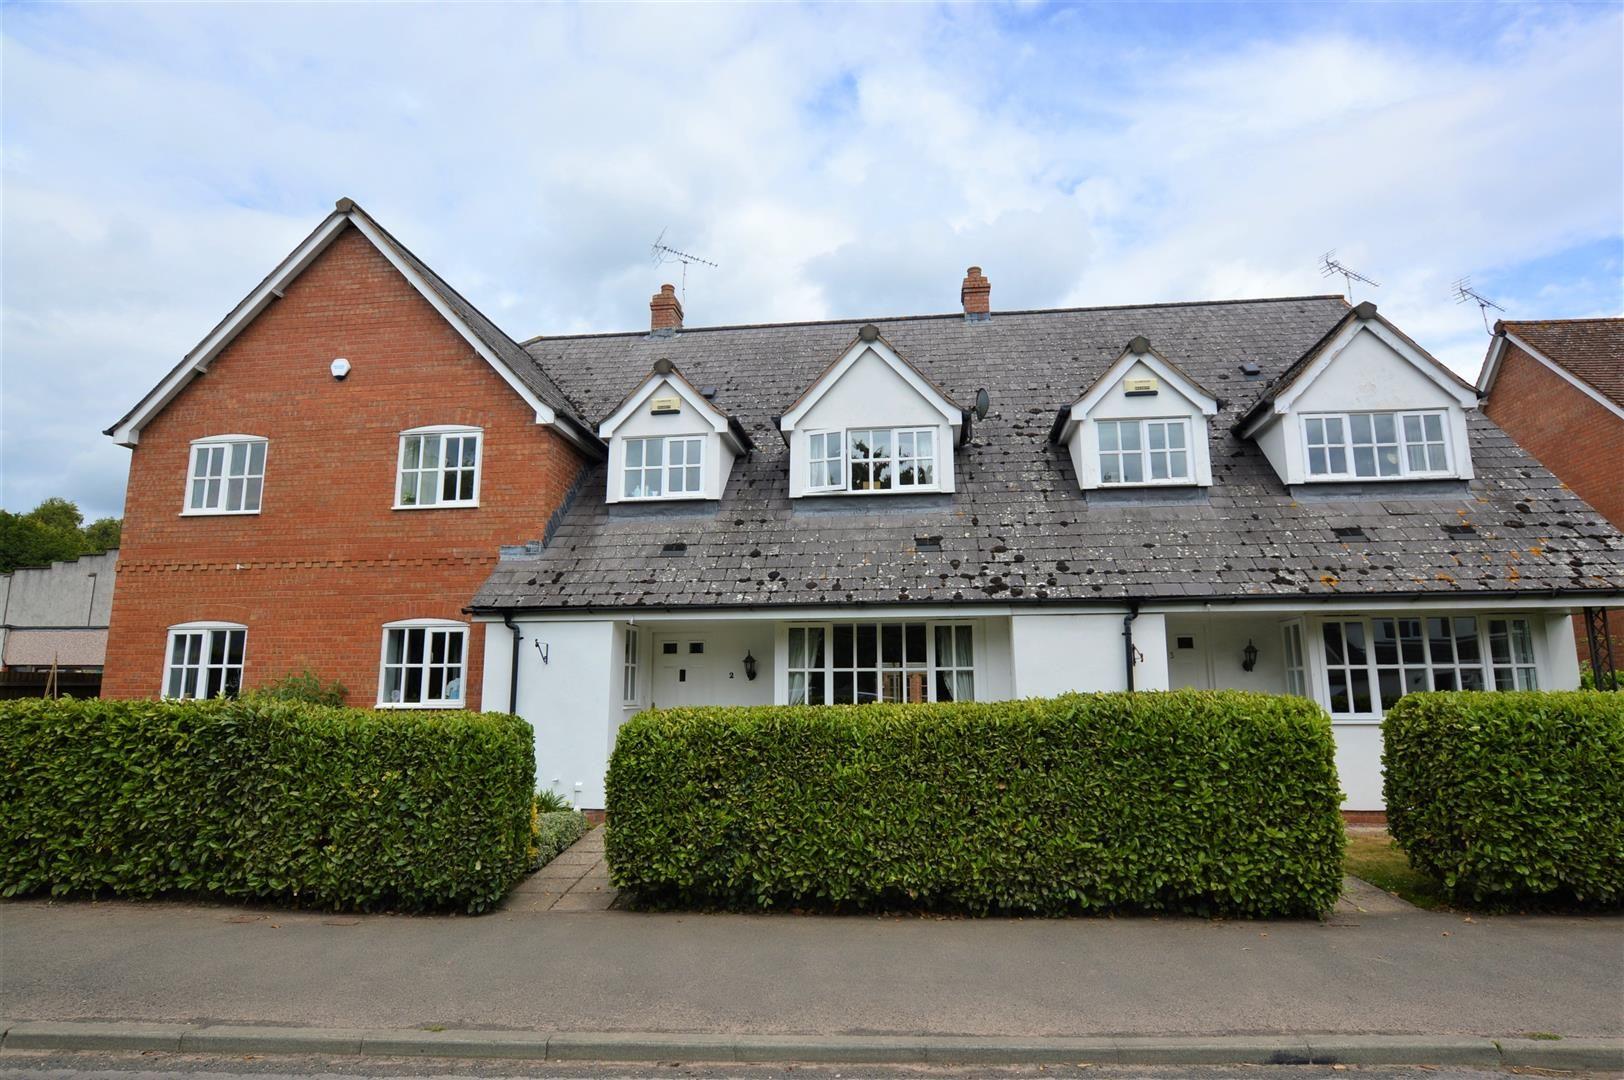 3 bed terraced for sale in Eardisley 1